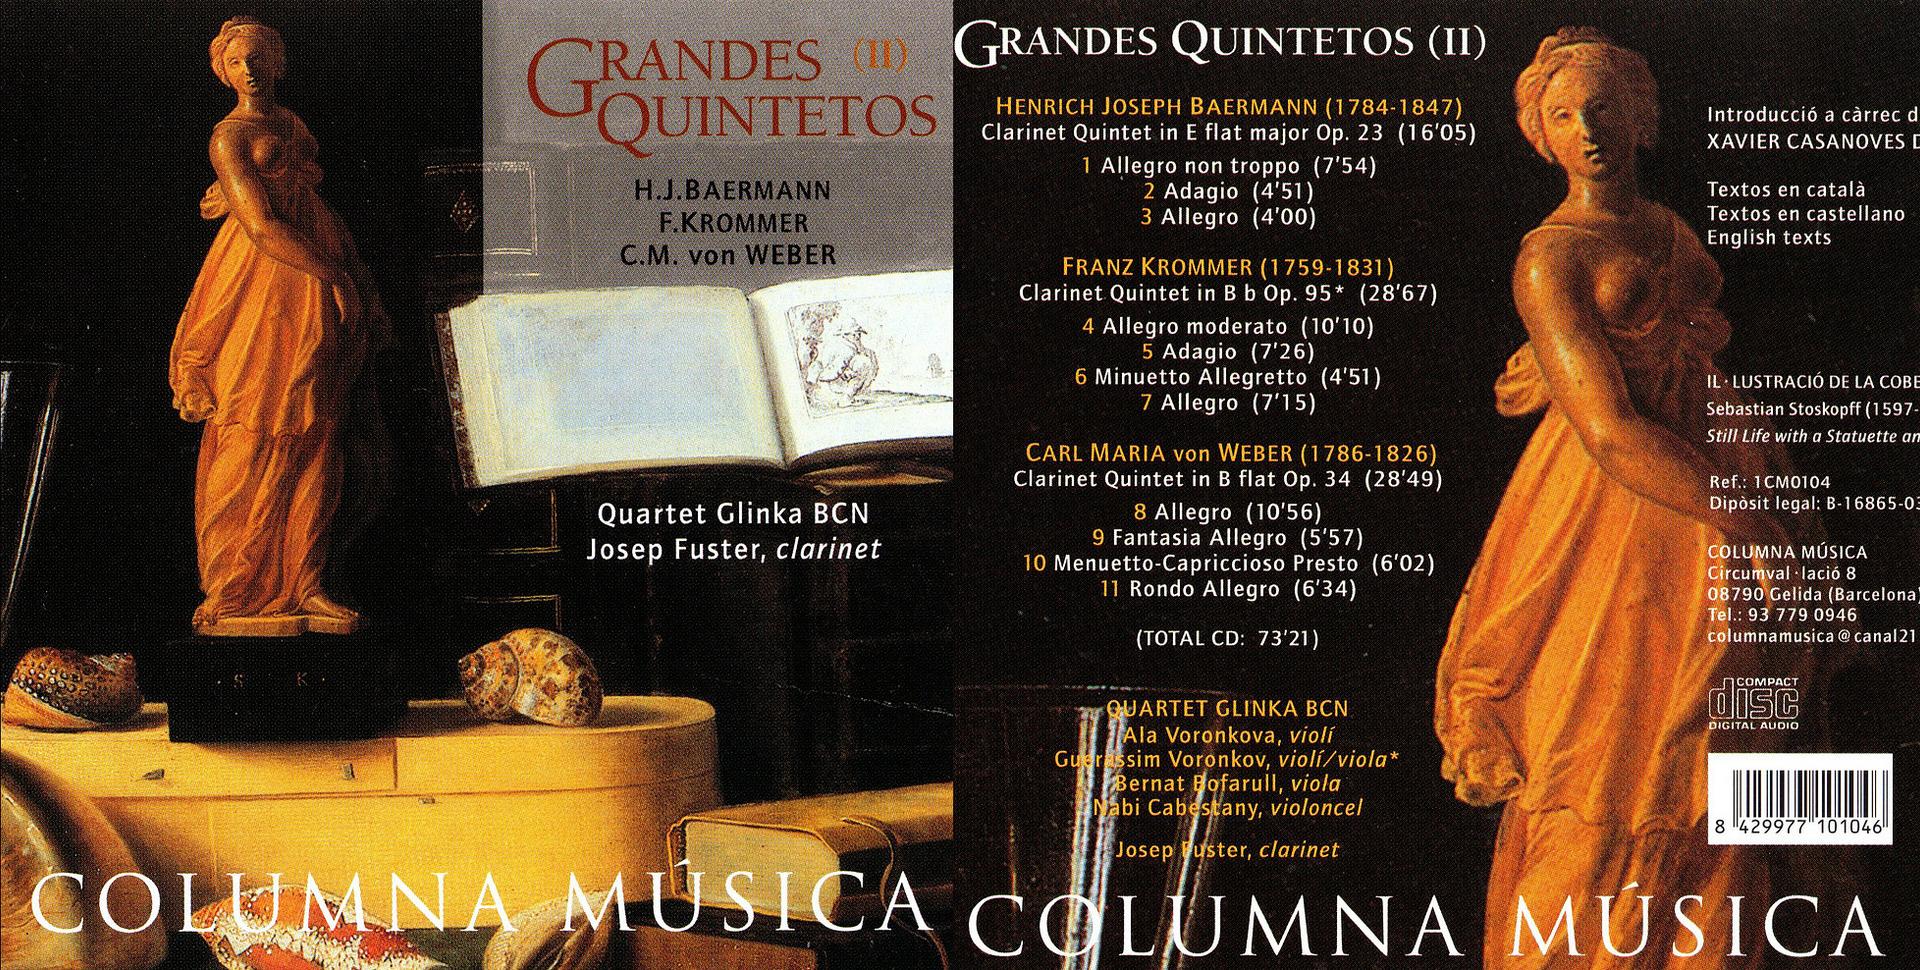 Grandes quintetos 2.png